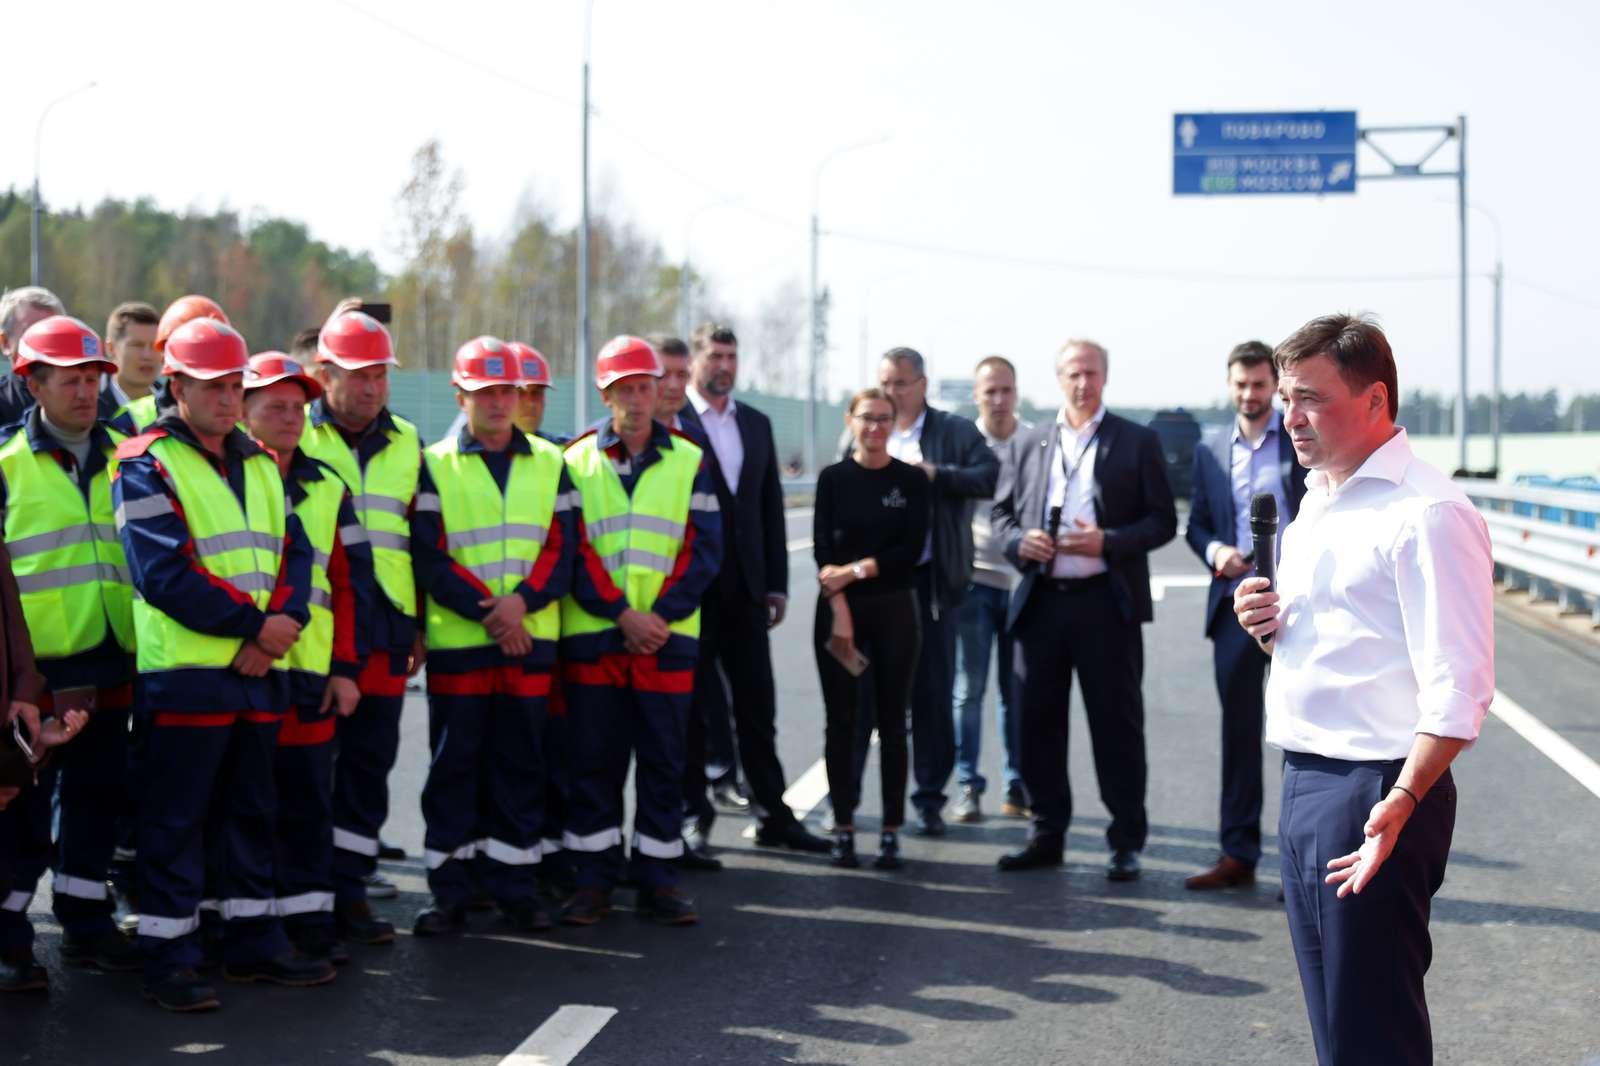 Без пробок и светофоров. Новую развязку перед индустриальным парком «Есипово» открыли в Солнечногорске | Изображение 3